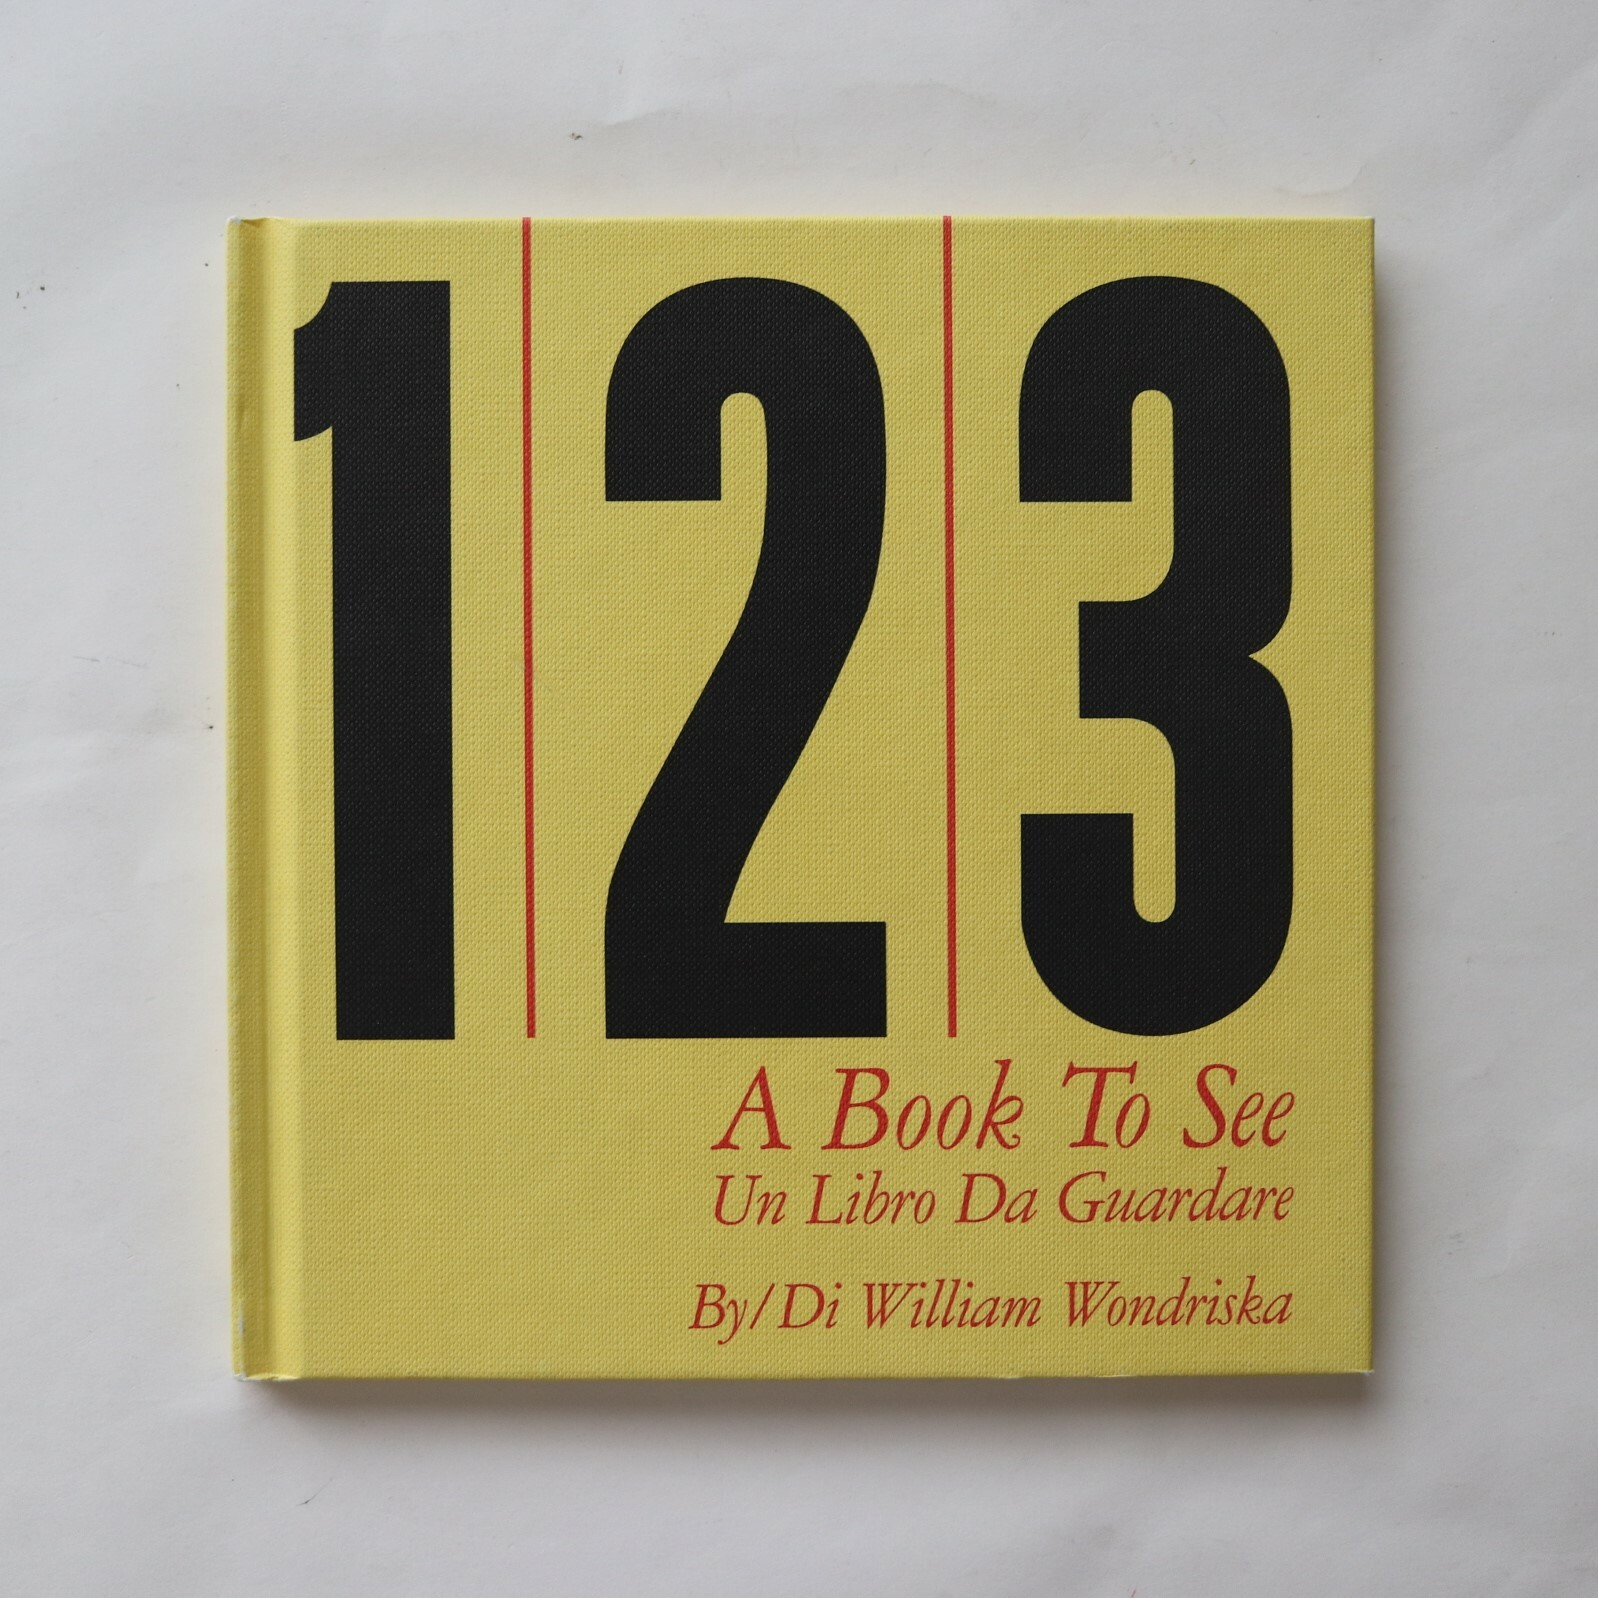 1 2 3 A BOOK TO SEE/ UN LIBRO DA GUARDARE / ウィリアム・ワンドリスカ